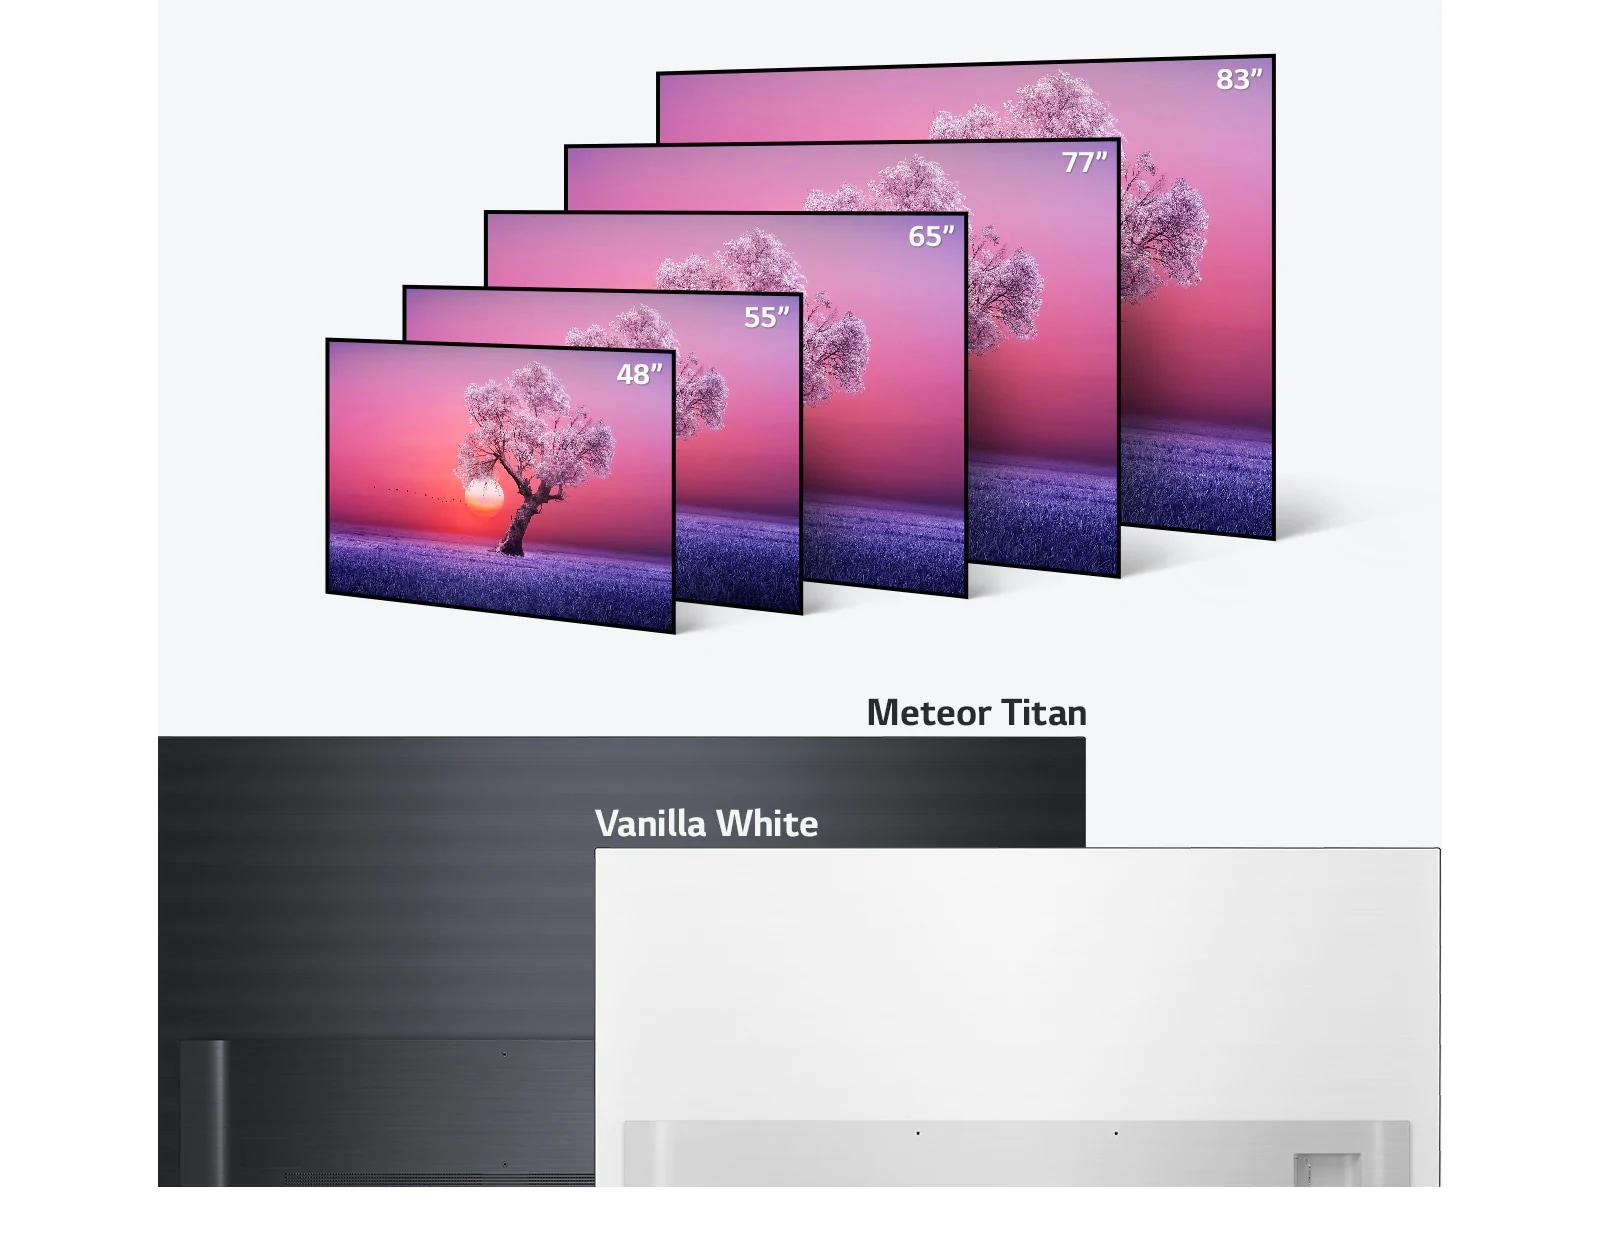 Línea de televisores LG OLED en varios tamaños de 48 pulgadas a 83 pulgadas y colores en Negro Titanio y Blanco Vainilla